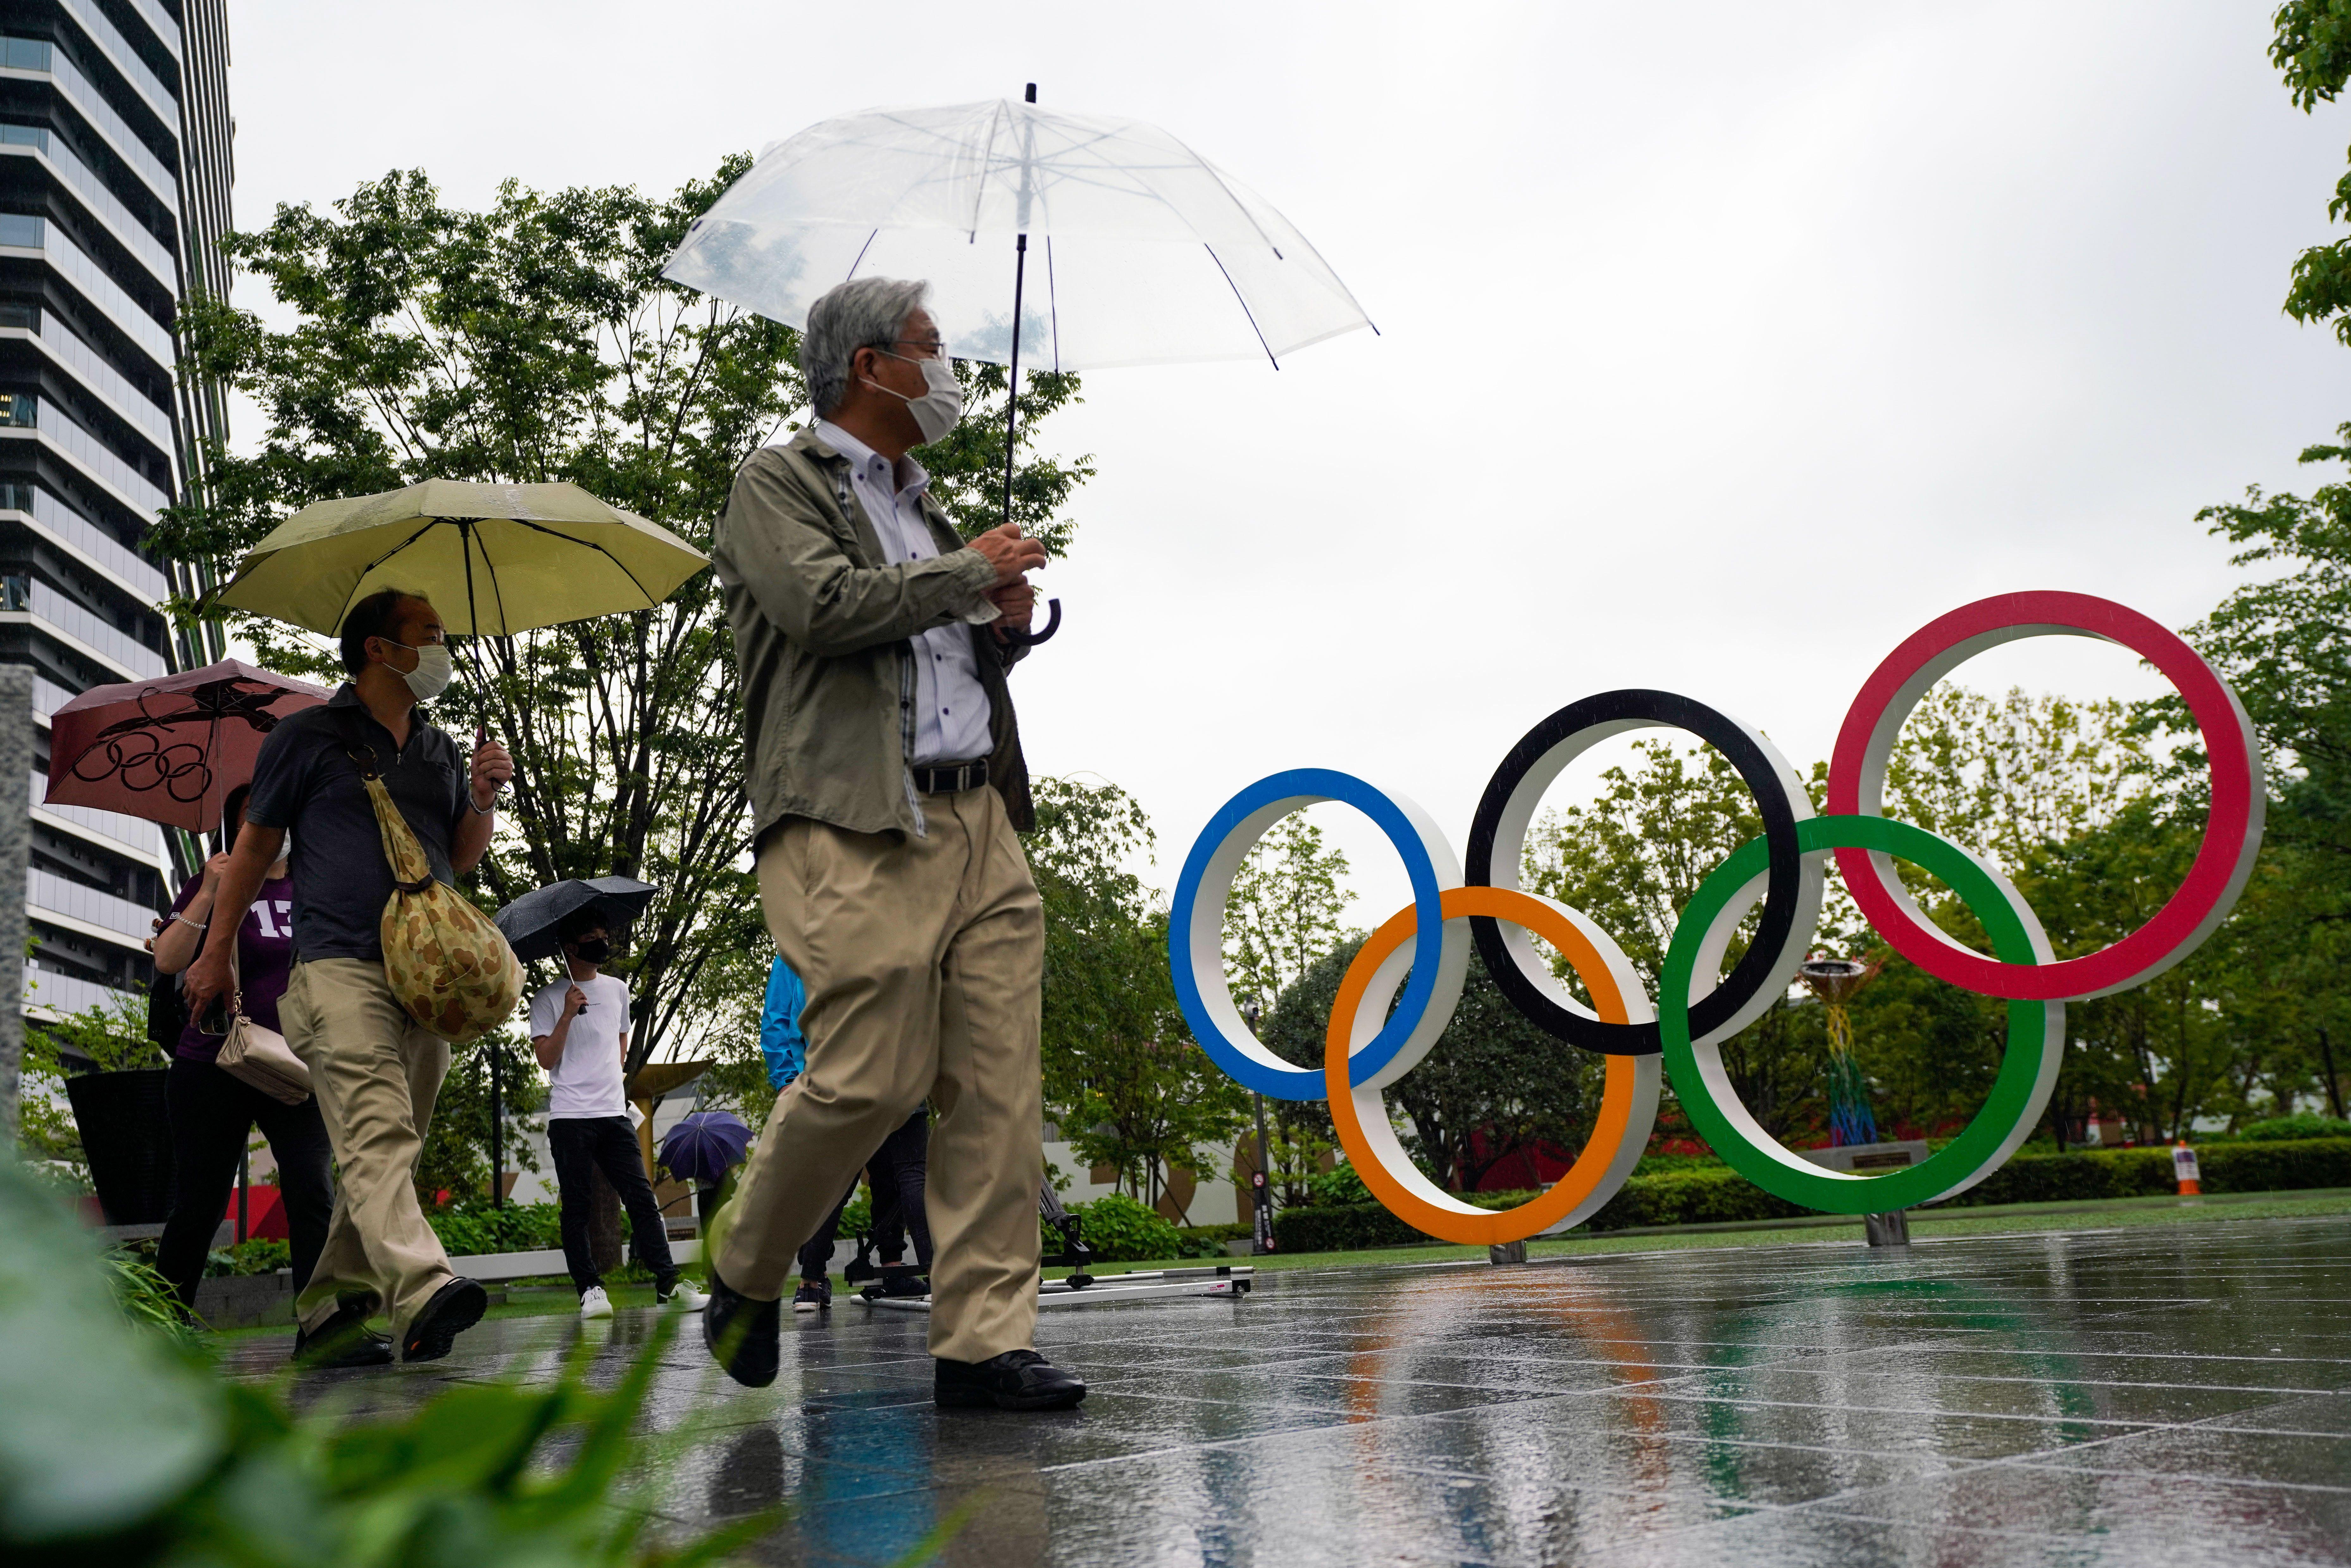 Tas ir oficiāli - Tokijas olimpiskās spēles būs bez skatītājiem